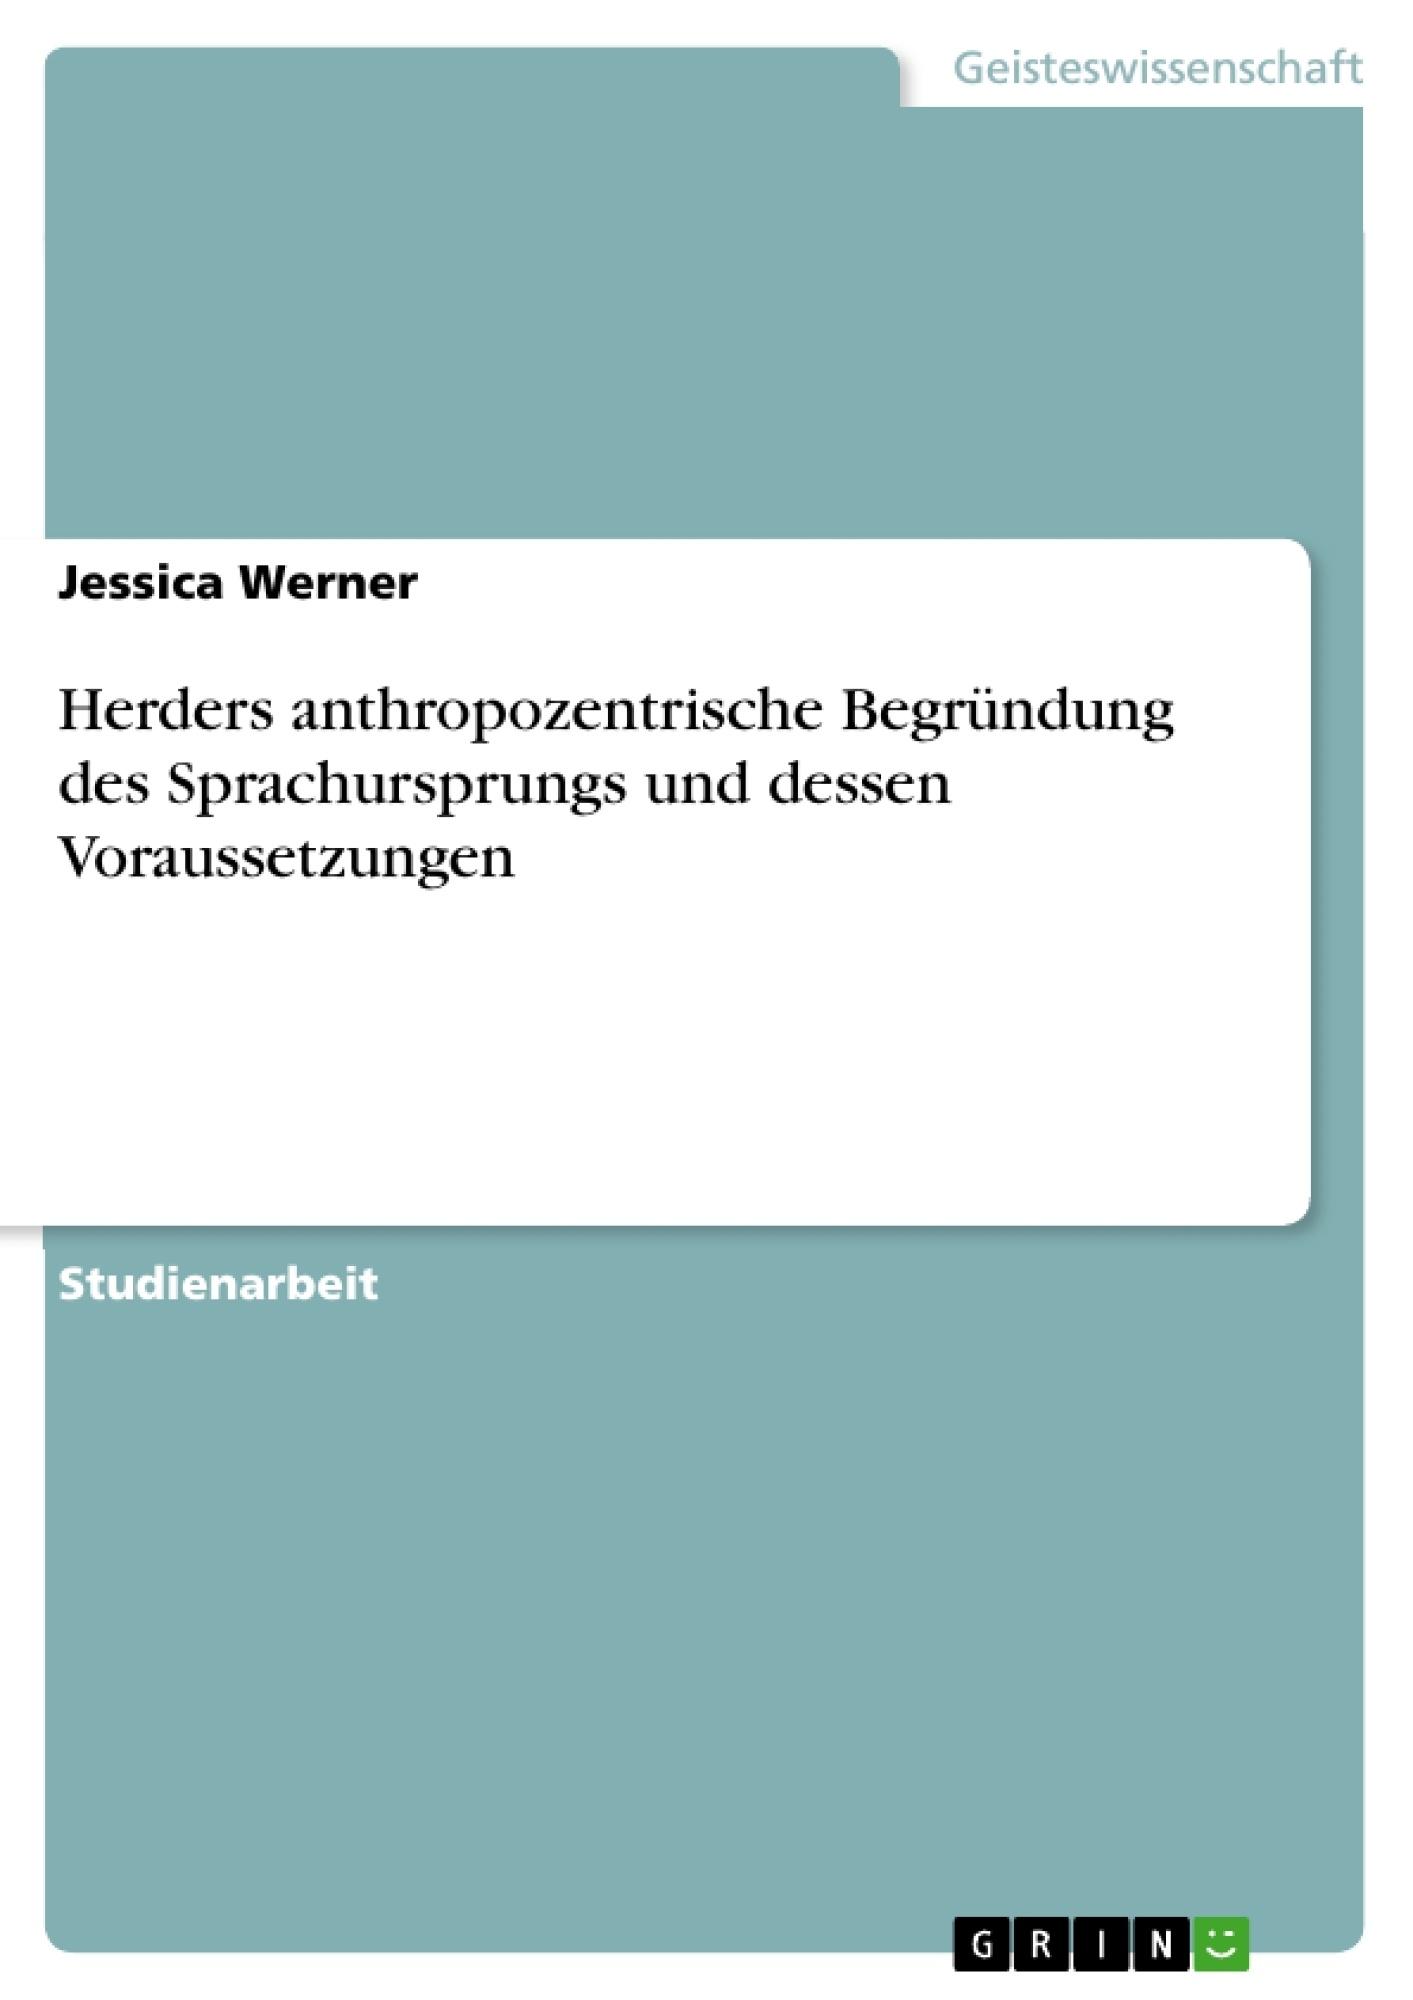 Titel: Herders anthropozentrische Begründung des Sprachursprungs und dessen Voraussetzungen